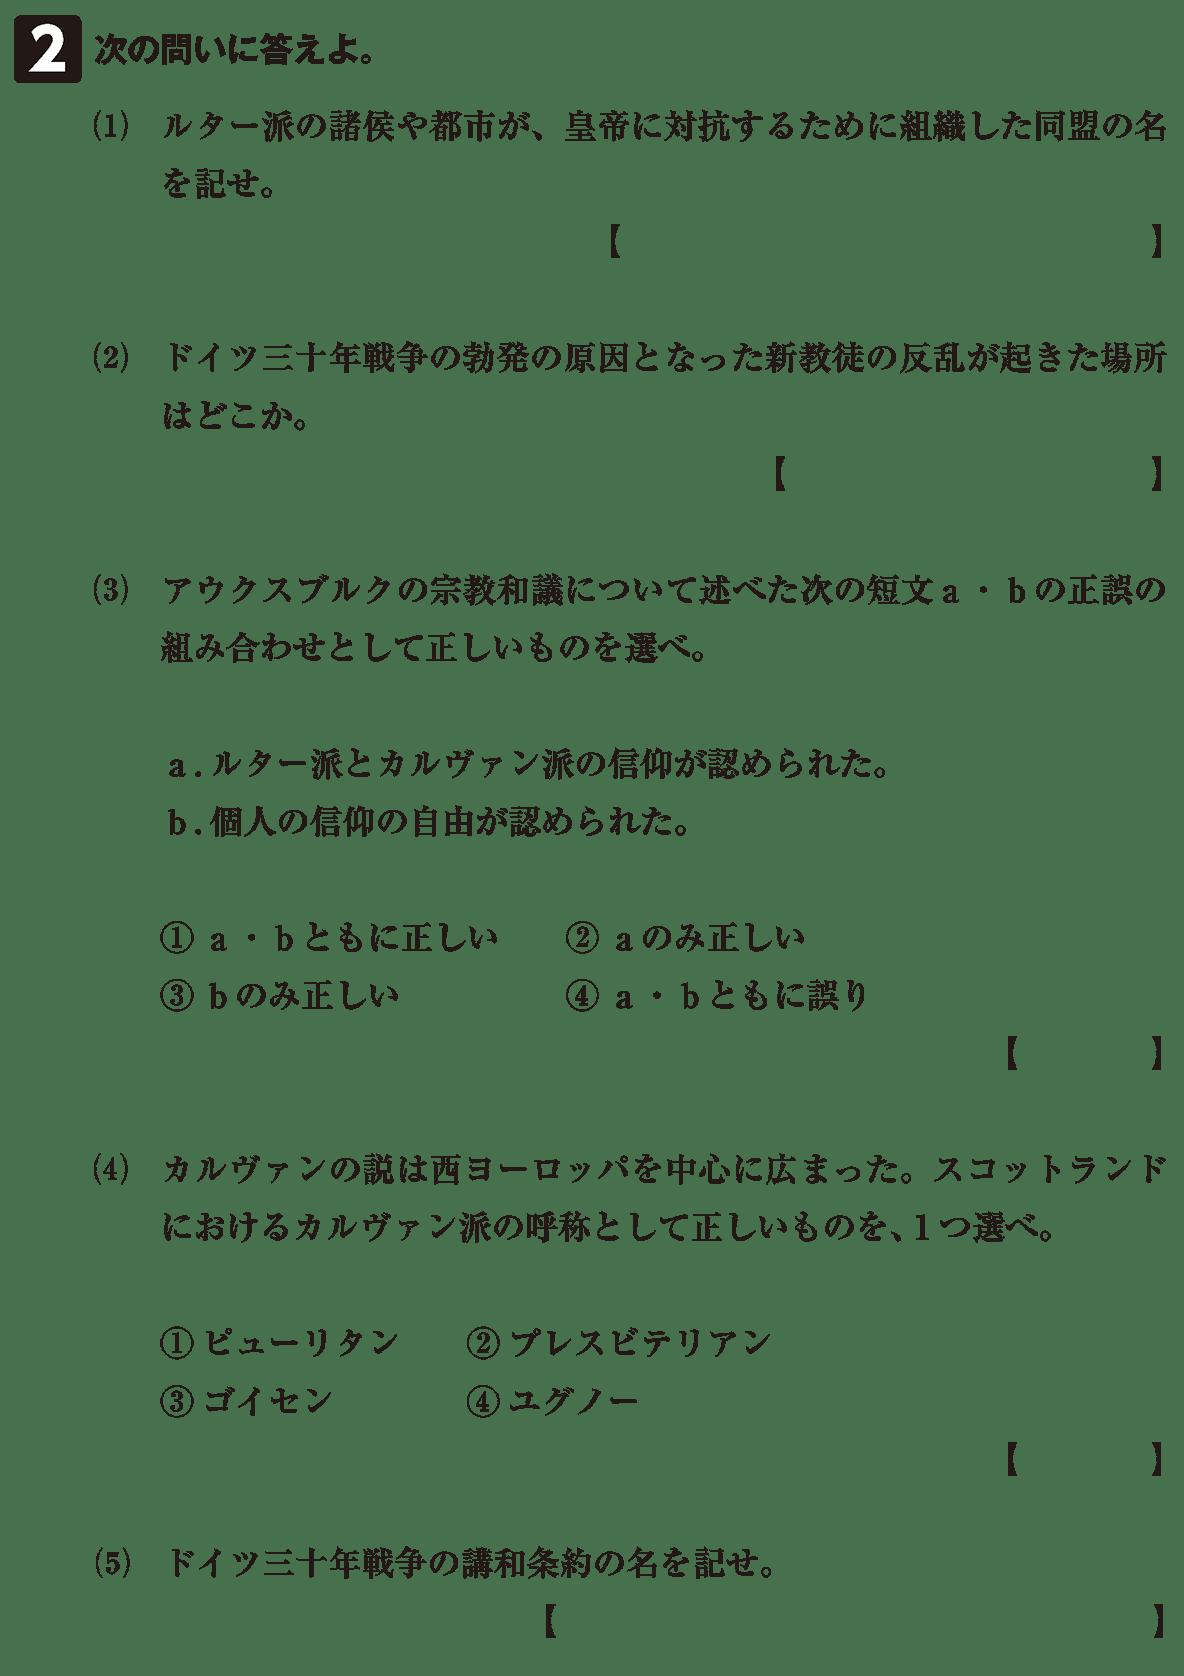 高校世界史 宗教改革7 確認テスト(後半)問題2